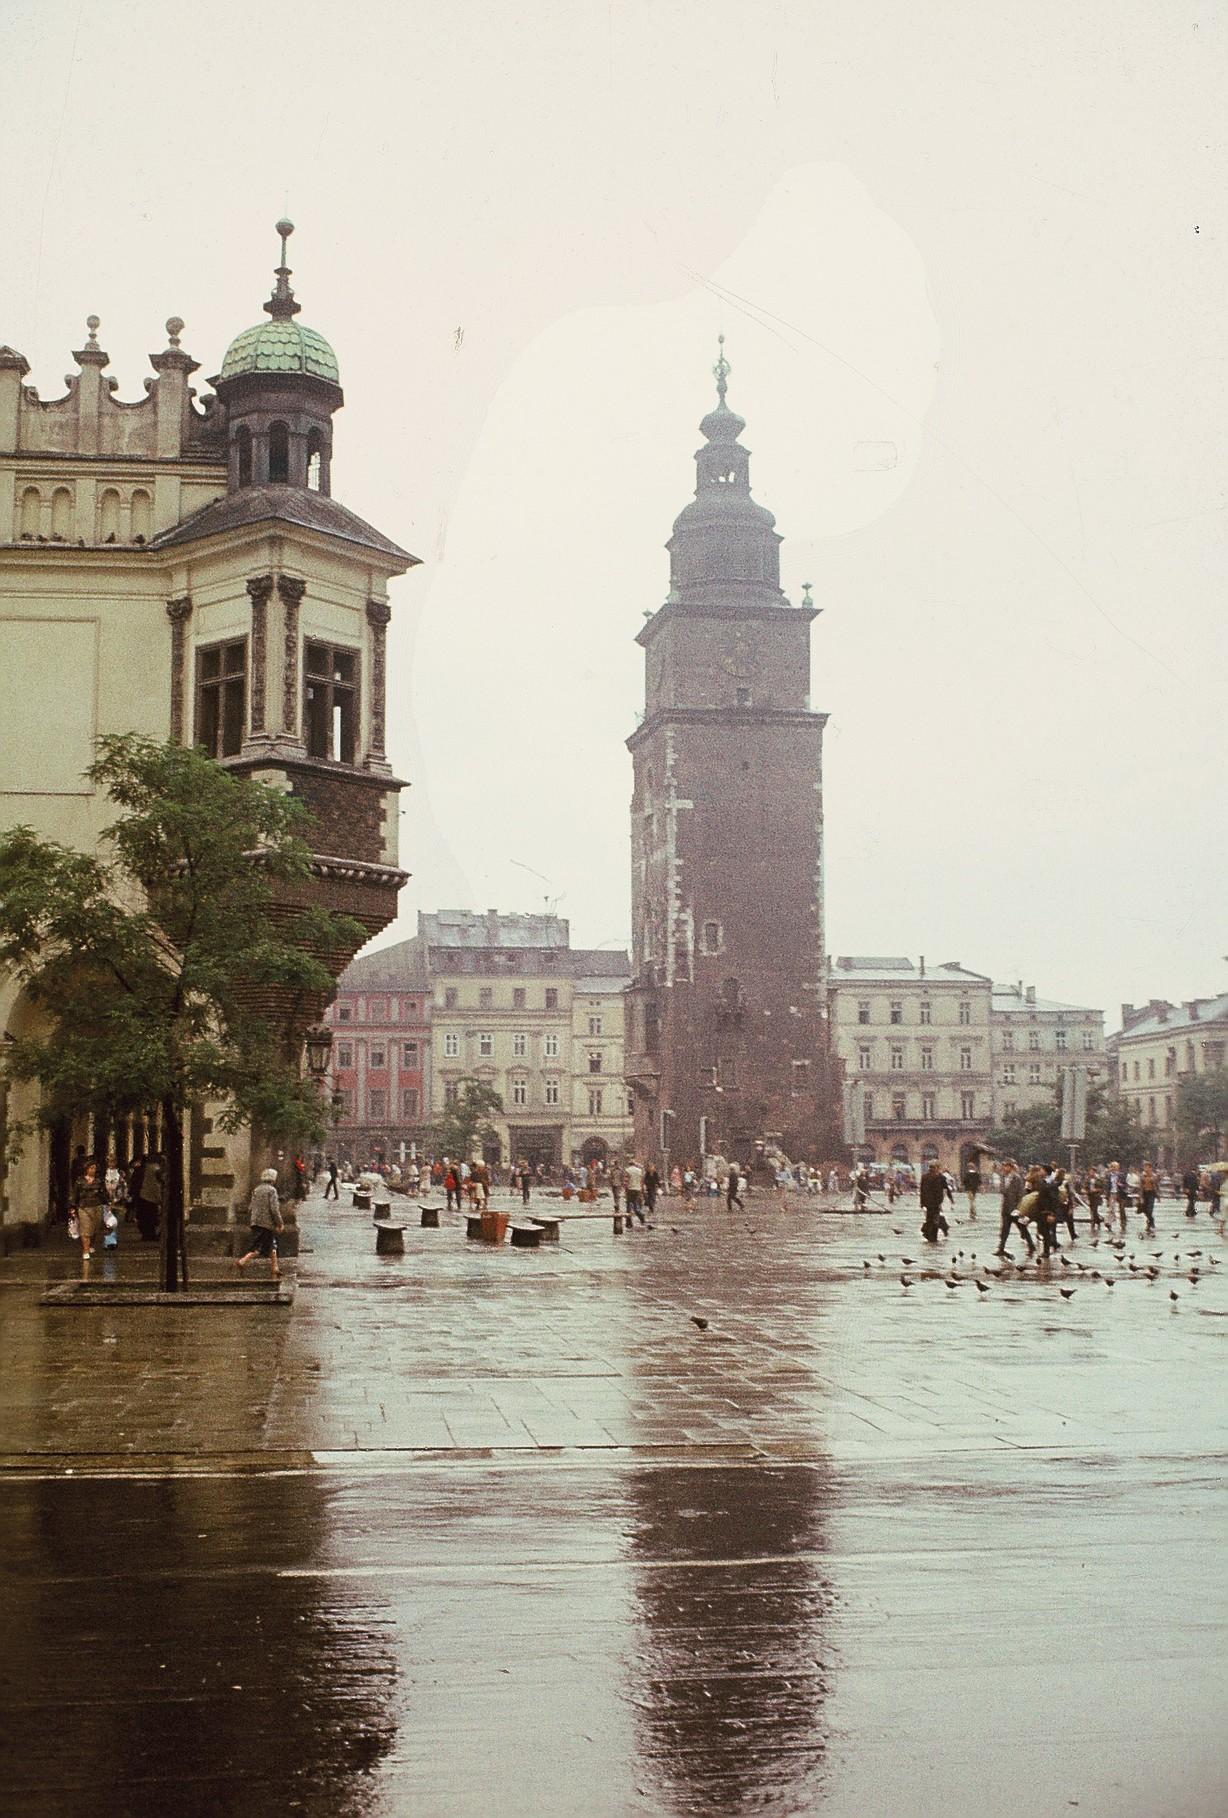 Marienplatz Krakow